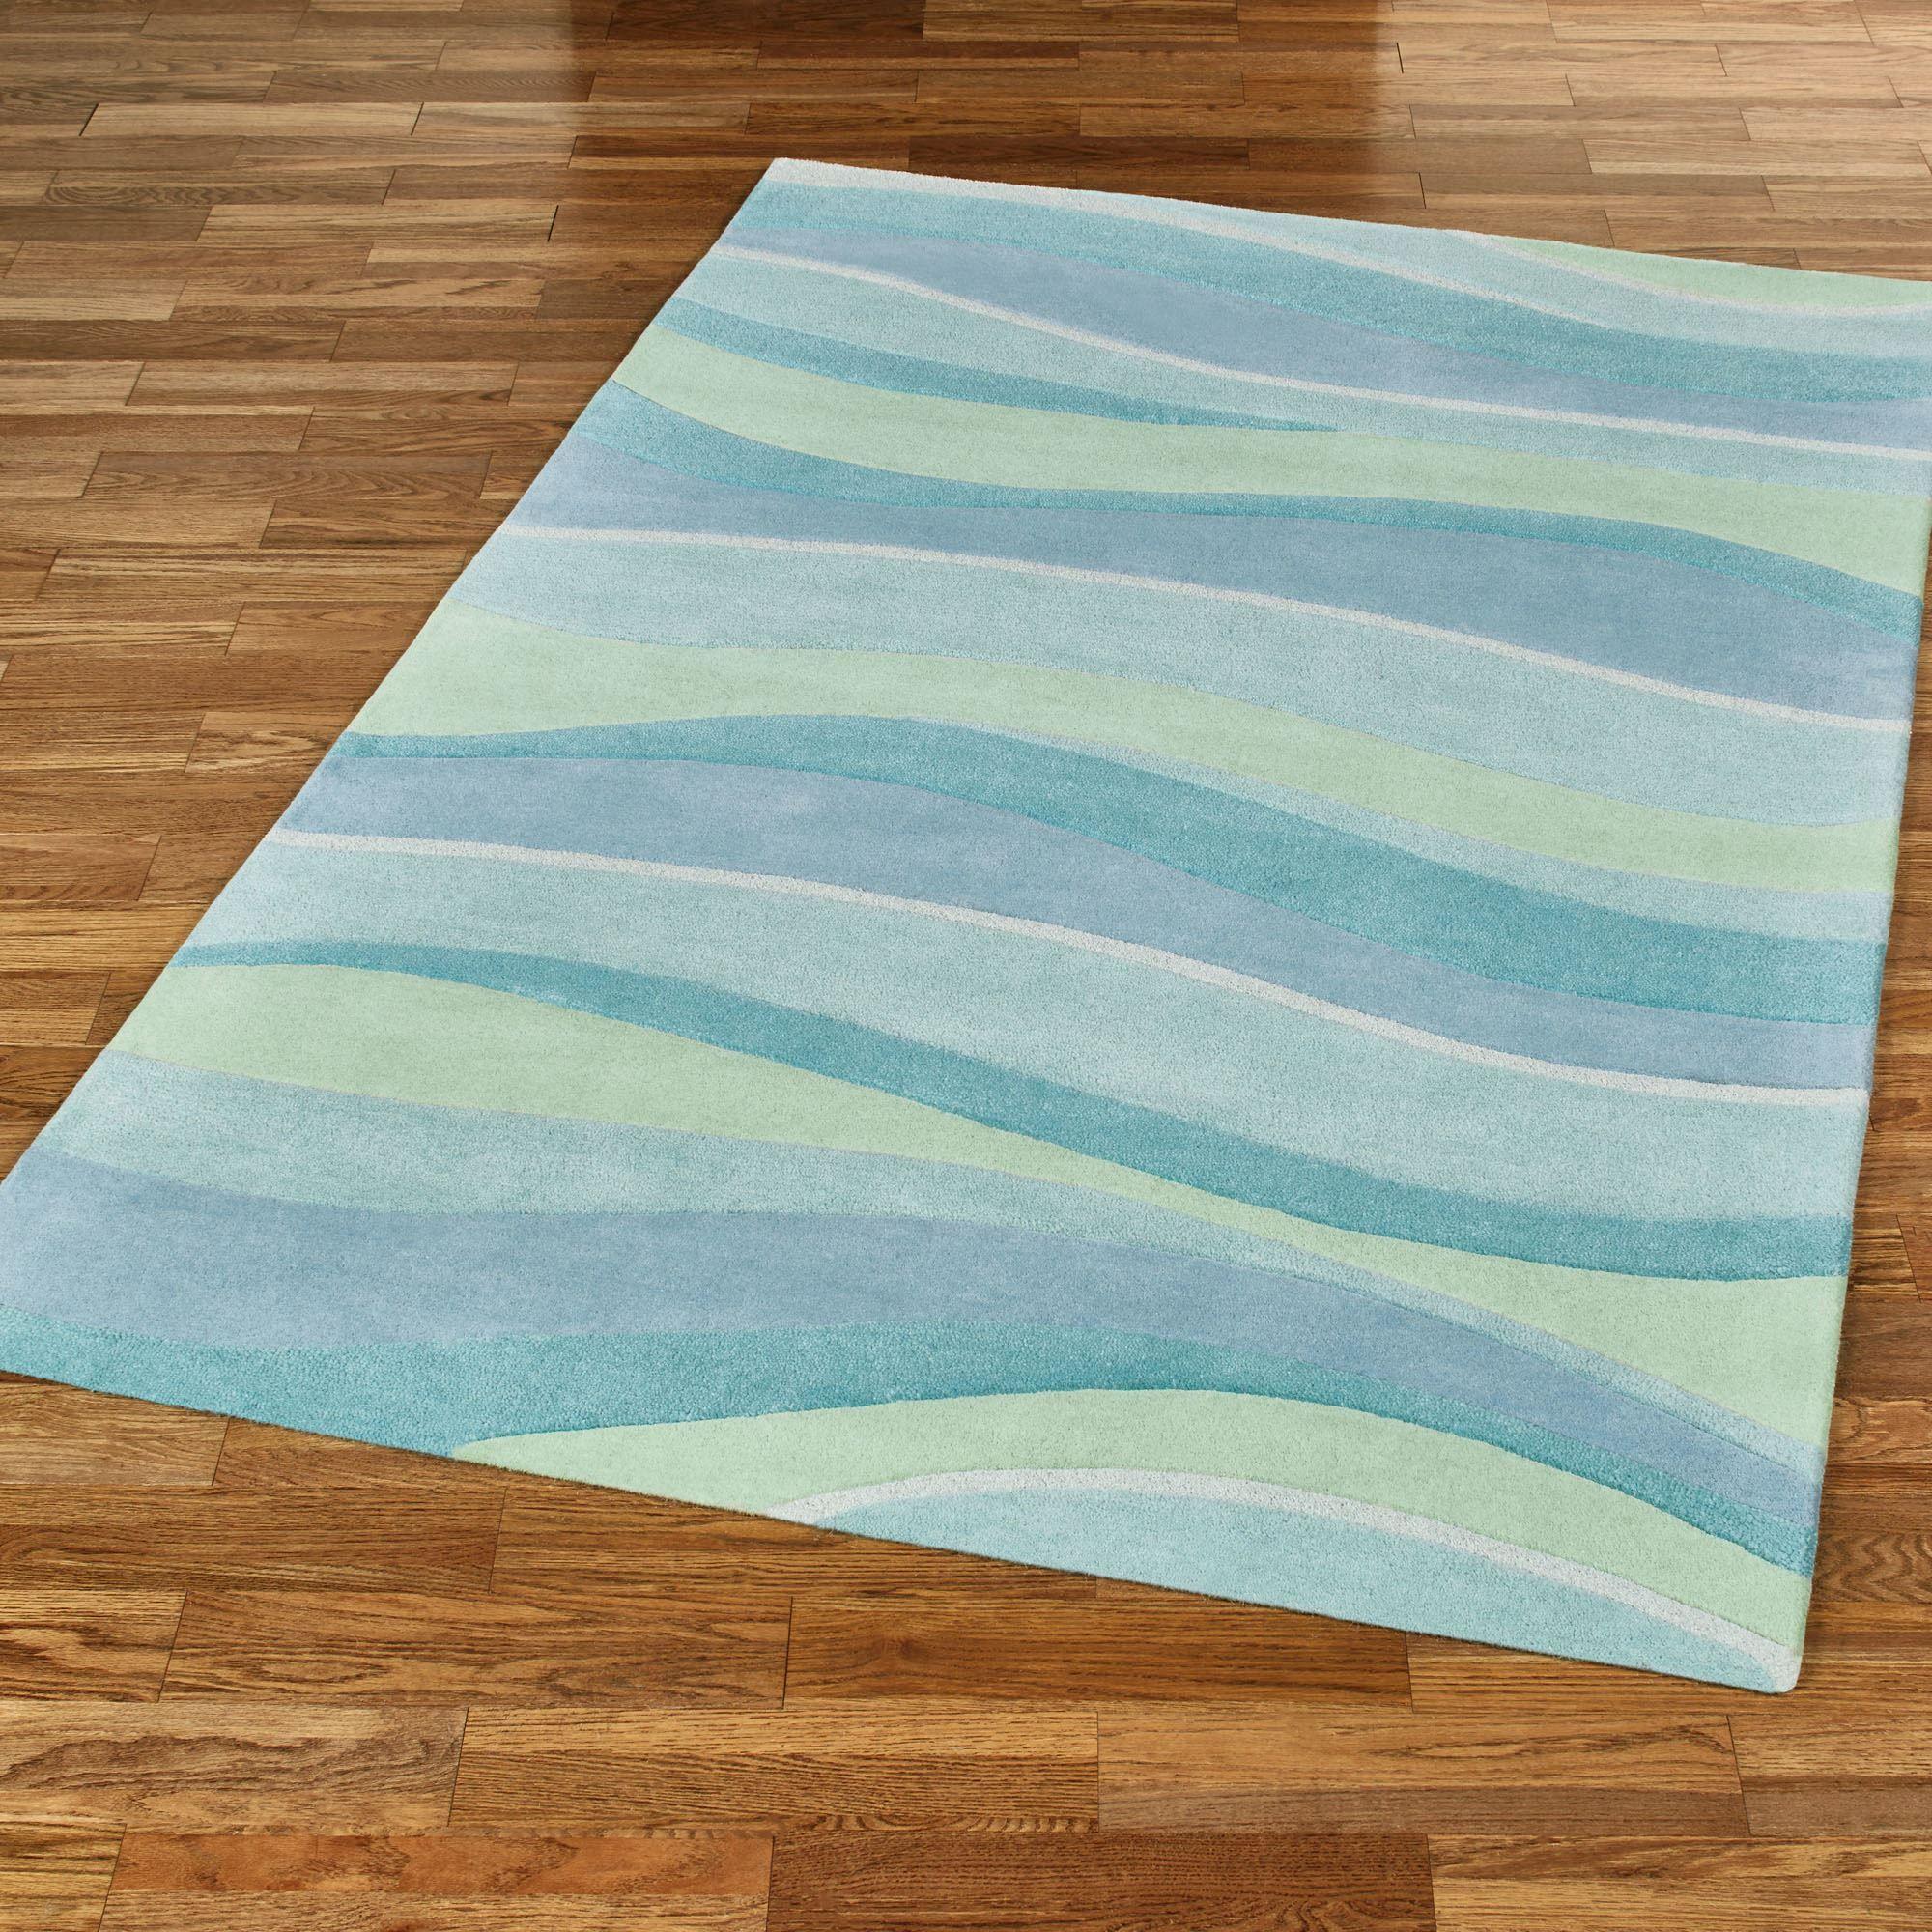 Seascapes Wave Design Coastal Area Rugs Coastal Area Rugs